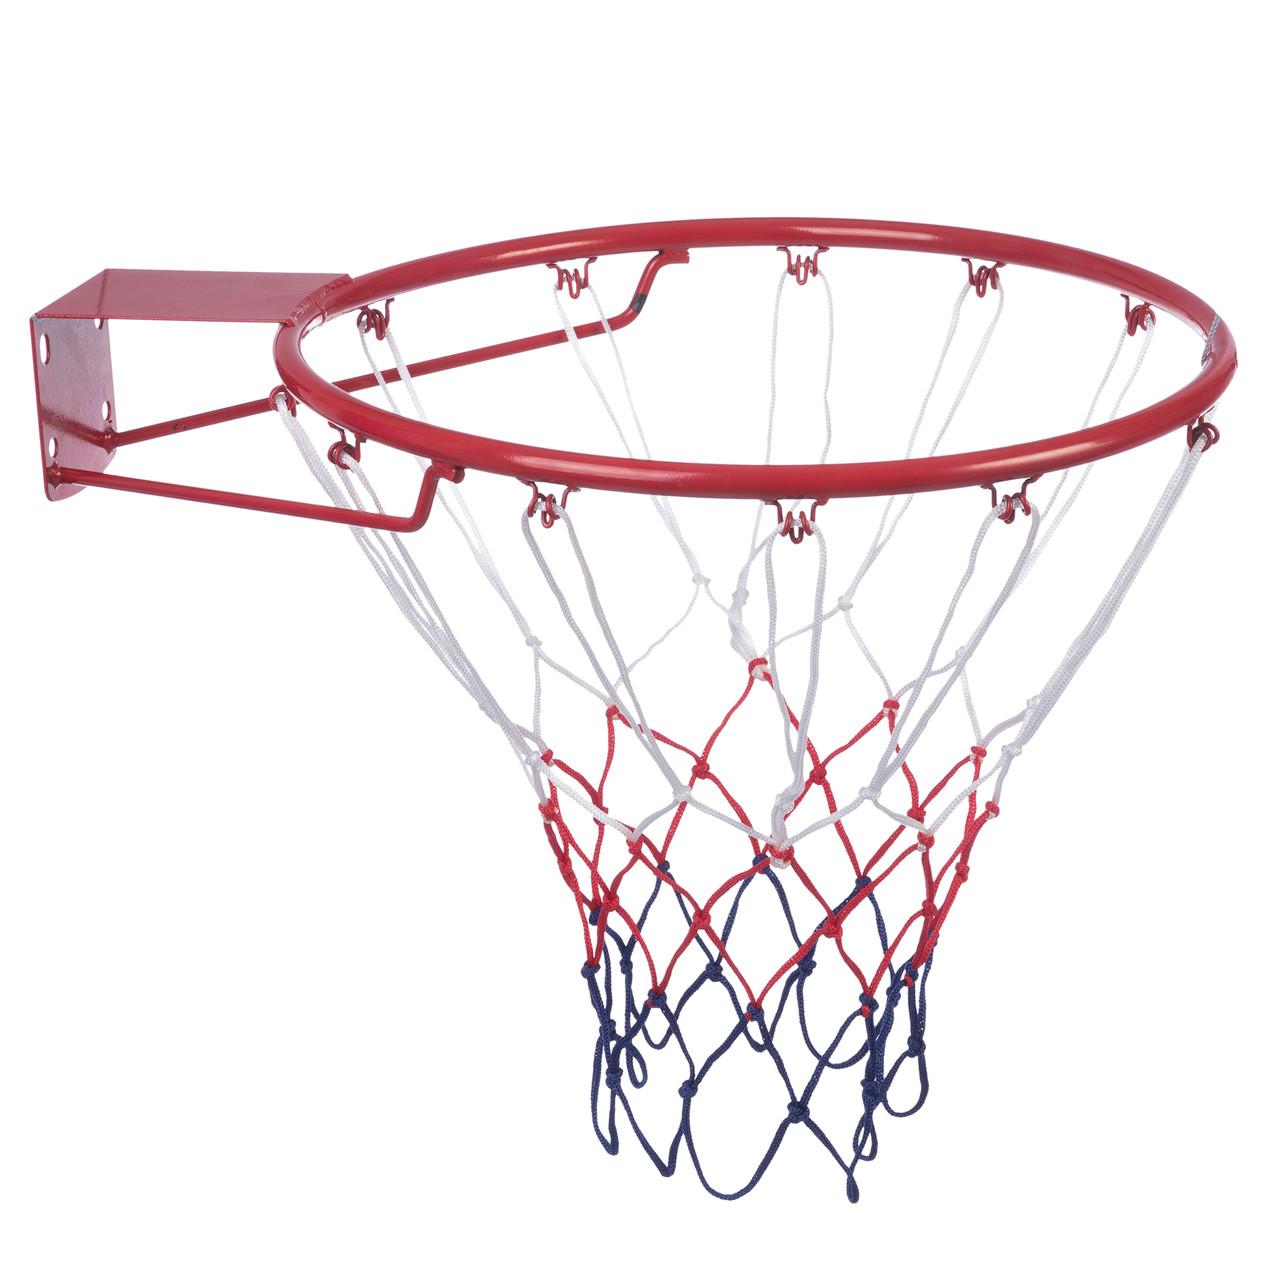 Кольцо баскетбольное C-0844 (d кольца-45см, d трубы-12мм, в ком.кольцо-металл, сетка-нейлон, болты)